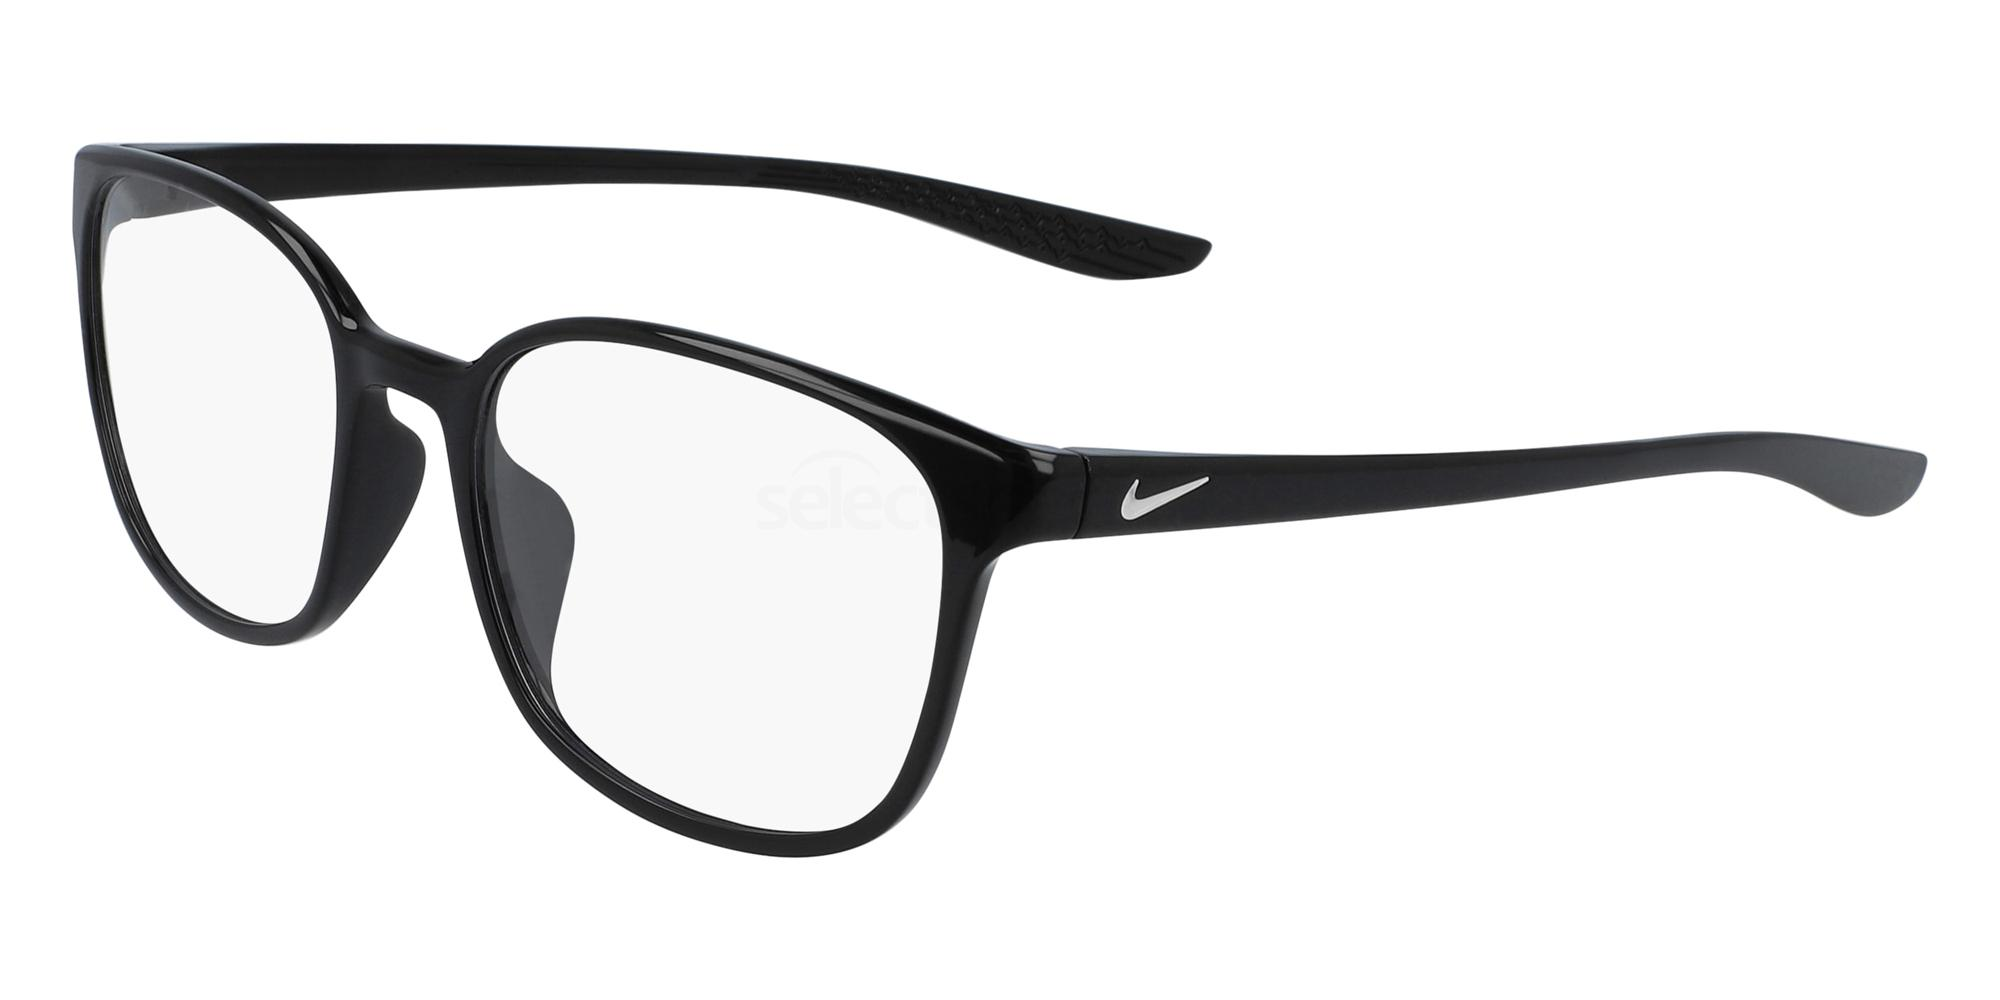 001 NIKE 7026 Glasses, Nike